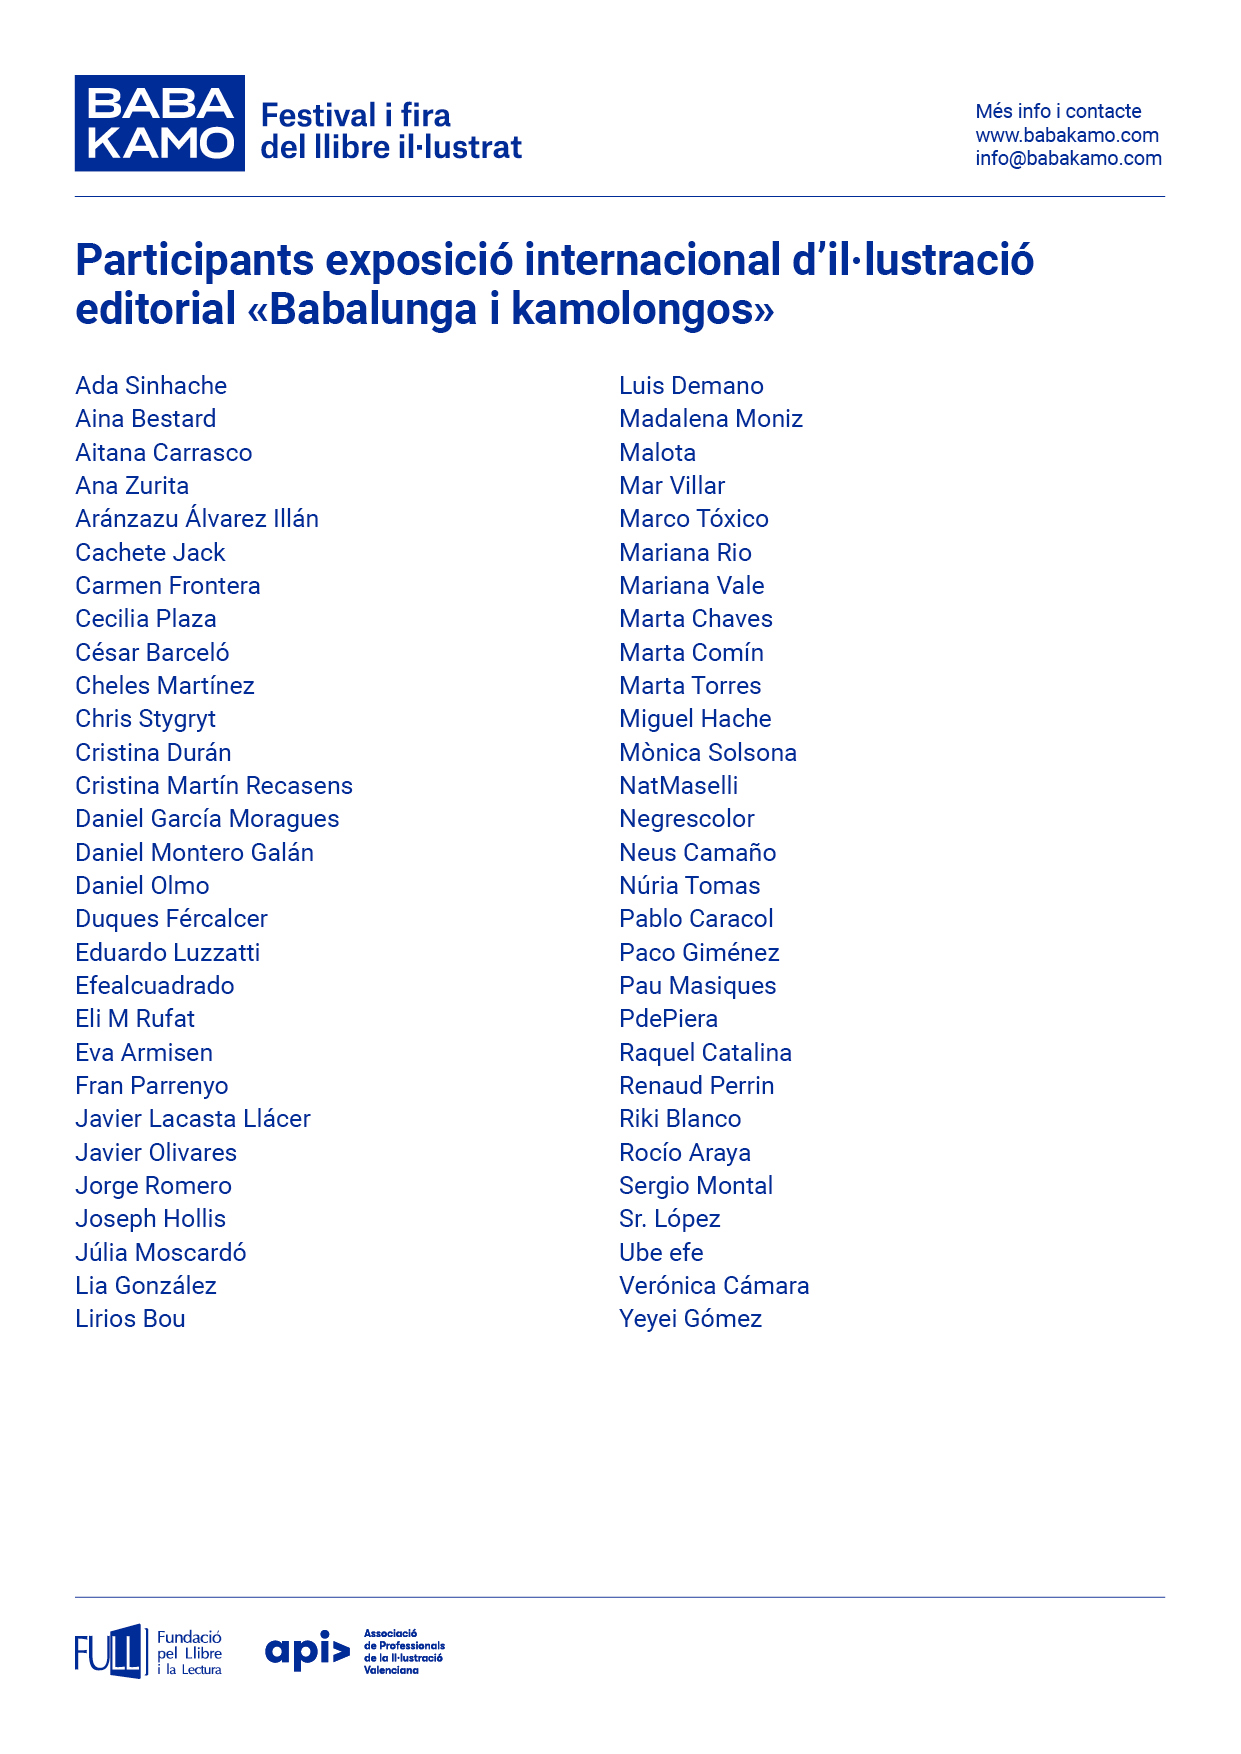 Participantes exposición de ilustración editorial «Babalunga i Kamolongos»